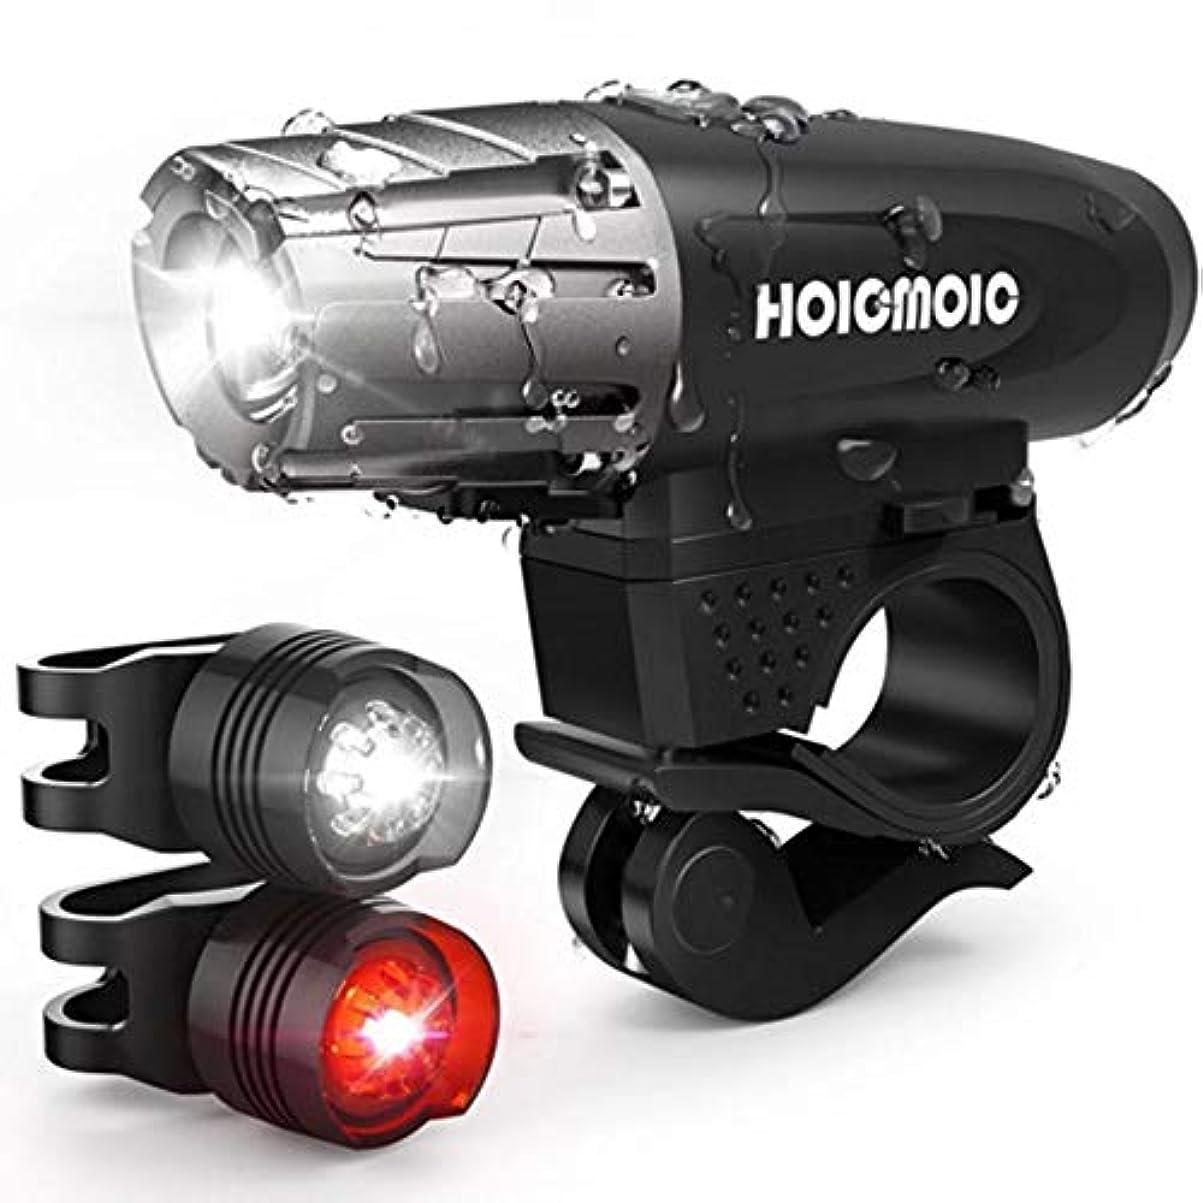 余韻作業ポジティブNITIUMI 自転車ライト 自転車前照灯 リフレクター ヘッドライトテールライト LED高輝度ヘッドライト 4段階調光 防水 防振 USB充電 大容量